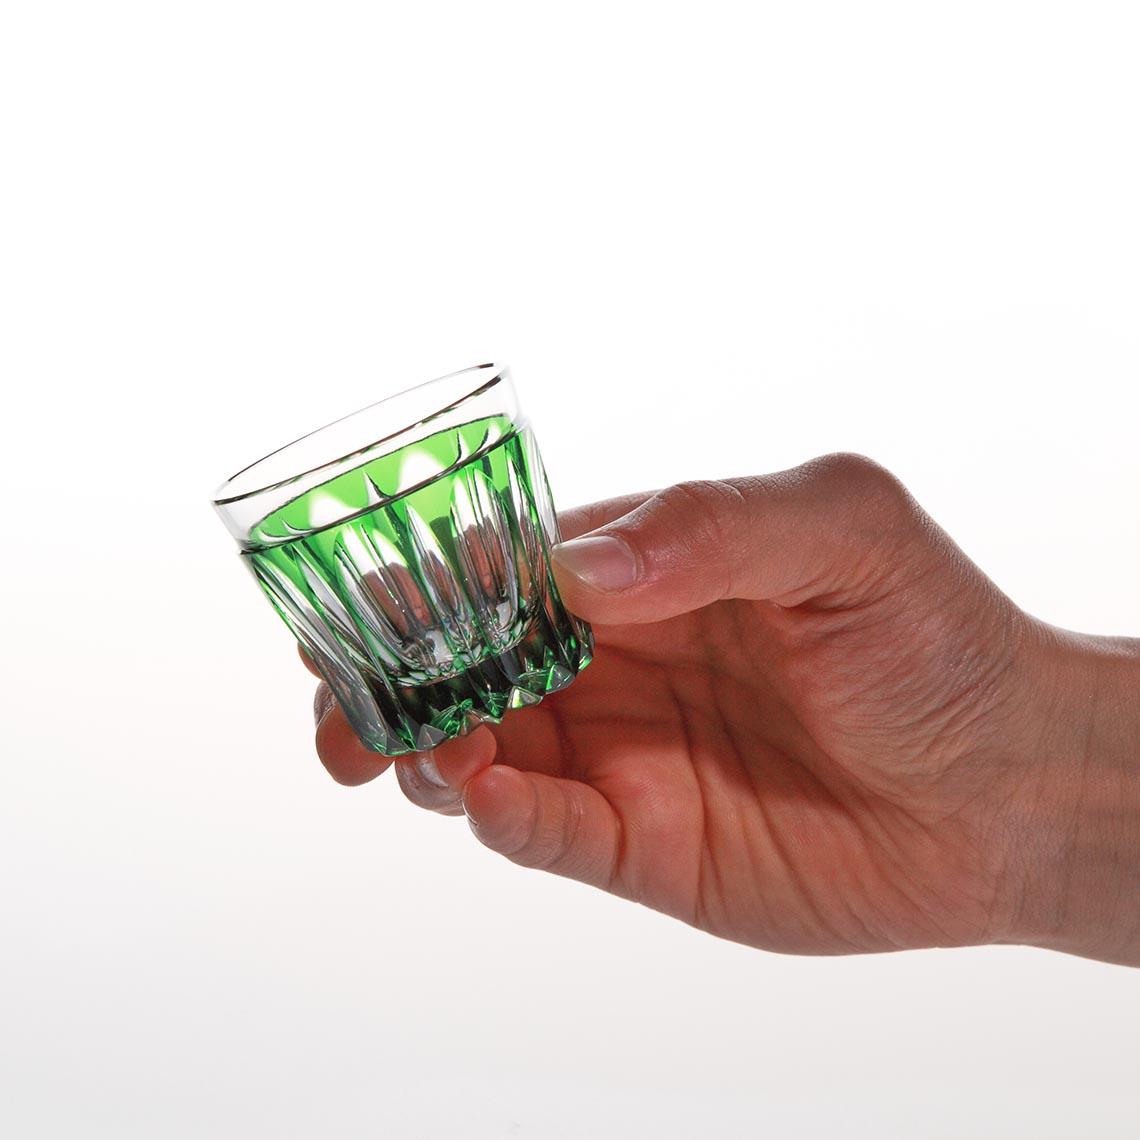 緑被万華様切立盃 (みどりぎせ まんげよう きったてはい)